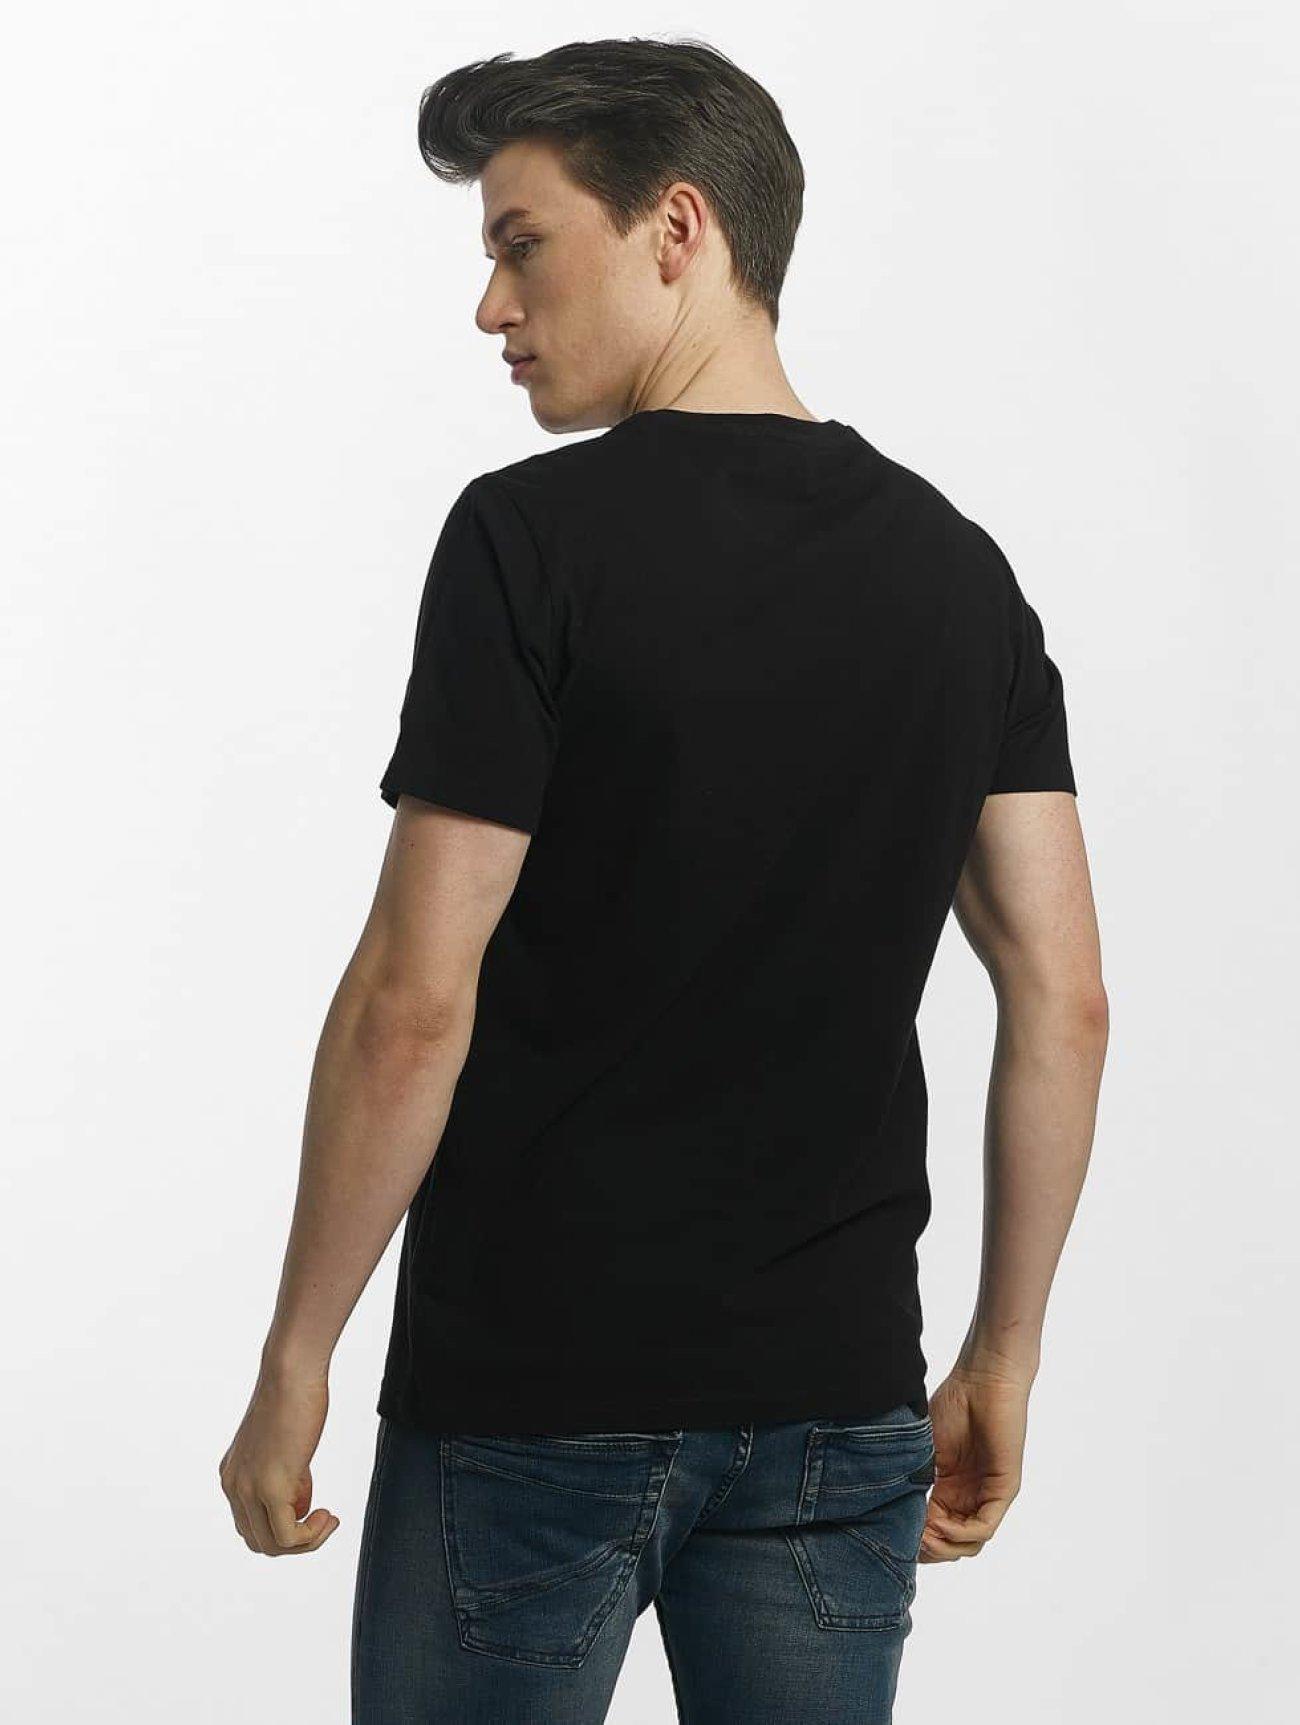 Le Temps Des Cerises | Airplane noir Homme T-Shirt 468144| Homme Hauts